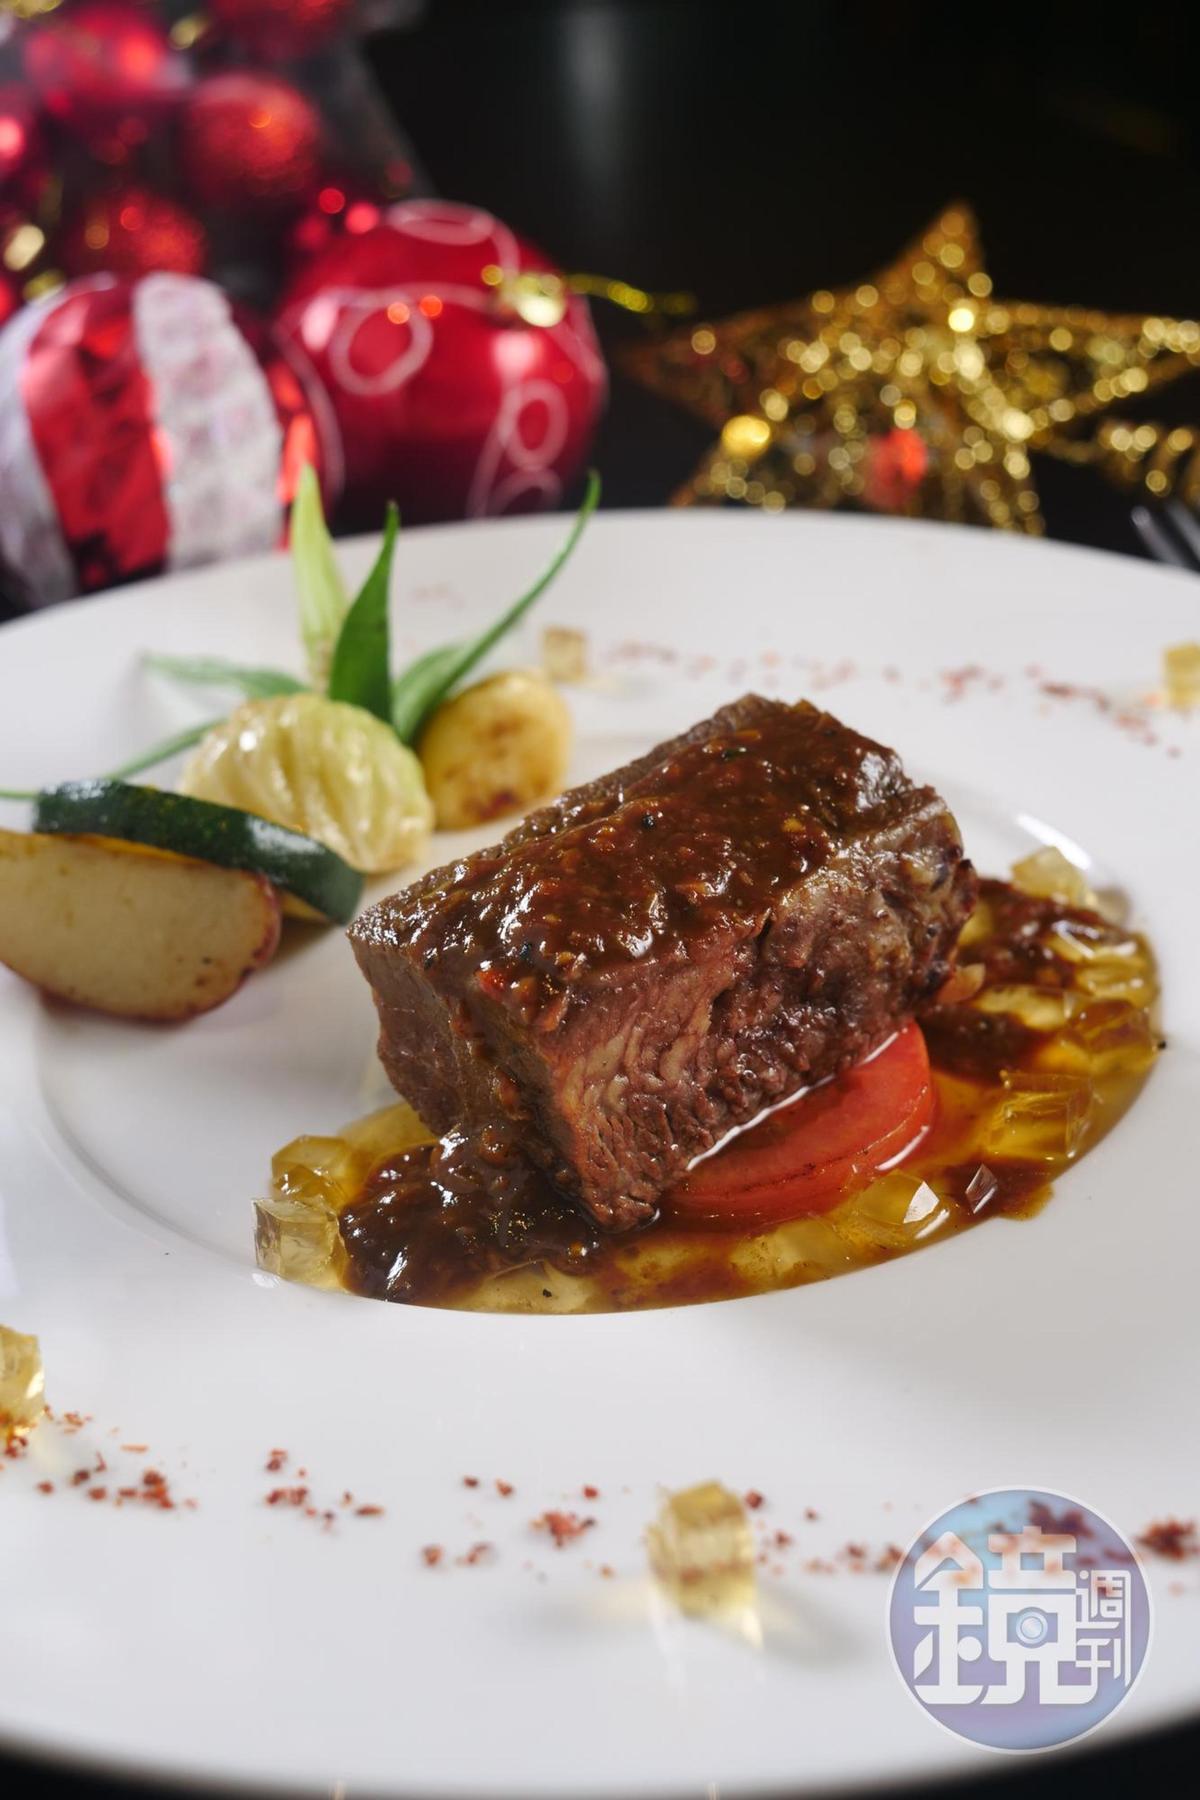 「明皇樓」的「威士忌獨蒜牛肋」,牛肉先滷後烤,配上威士忌果凍與蒜頭,是中式的牛肉滋味。(388元/份)